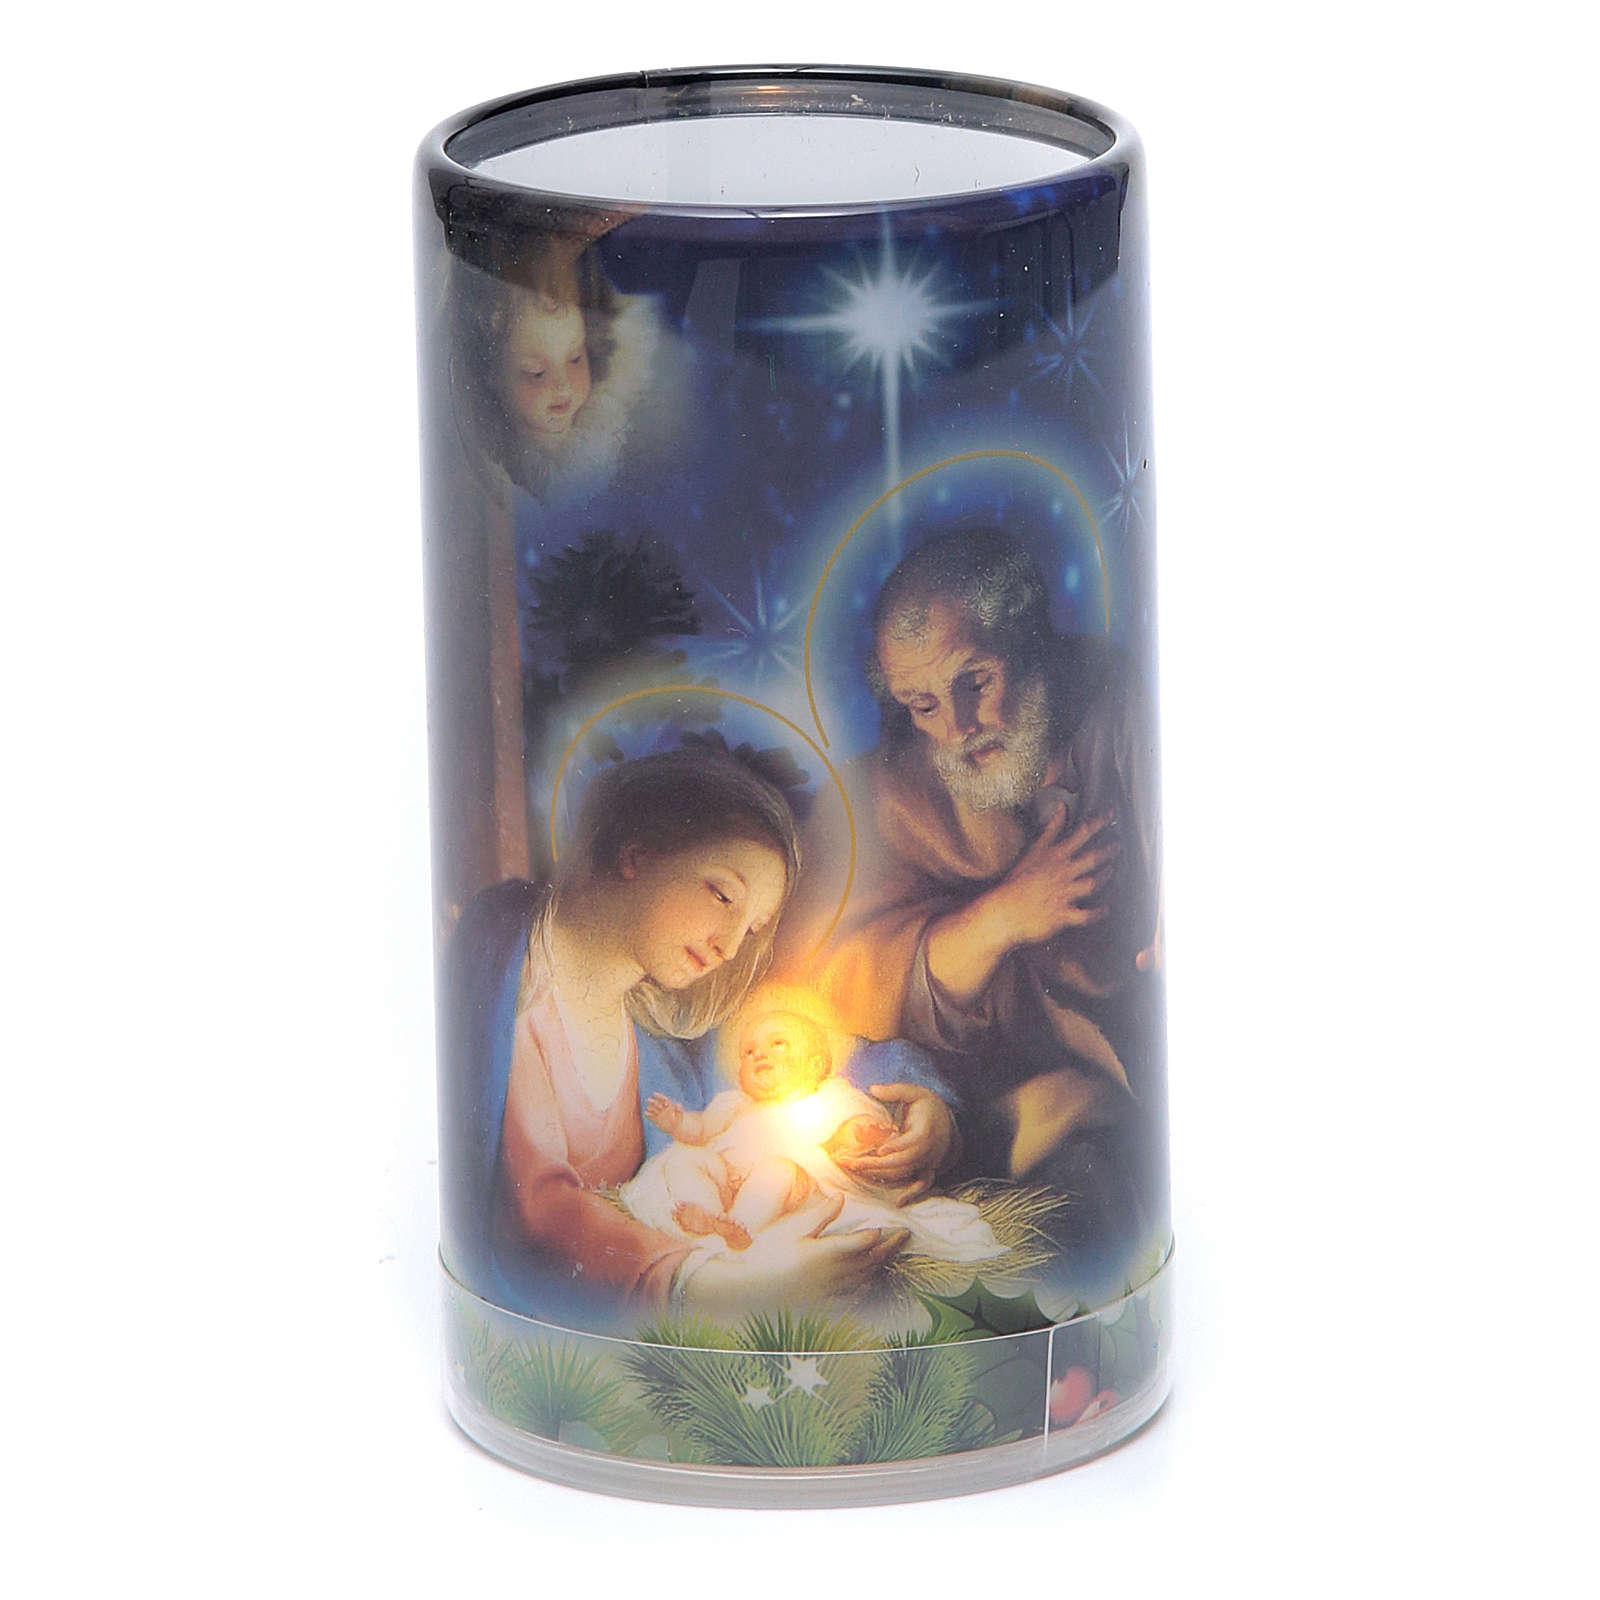 Photophore à piles avec image de Noël et fausse bougie 3